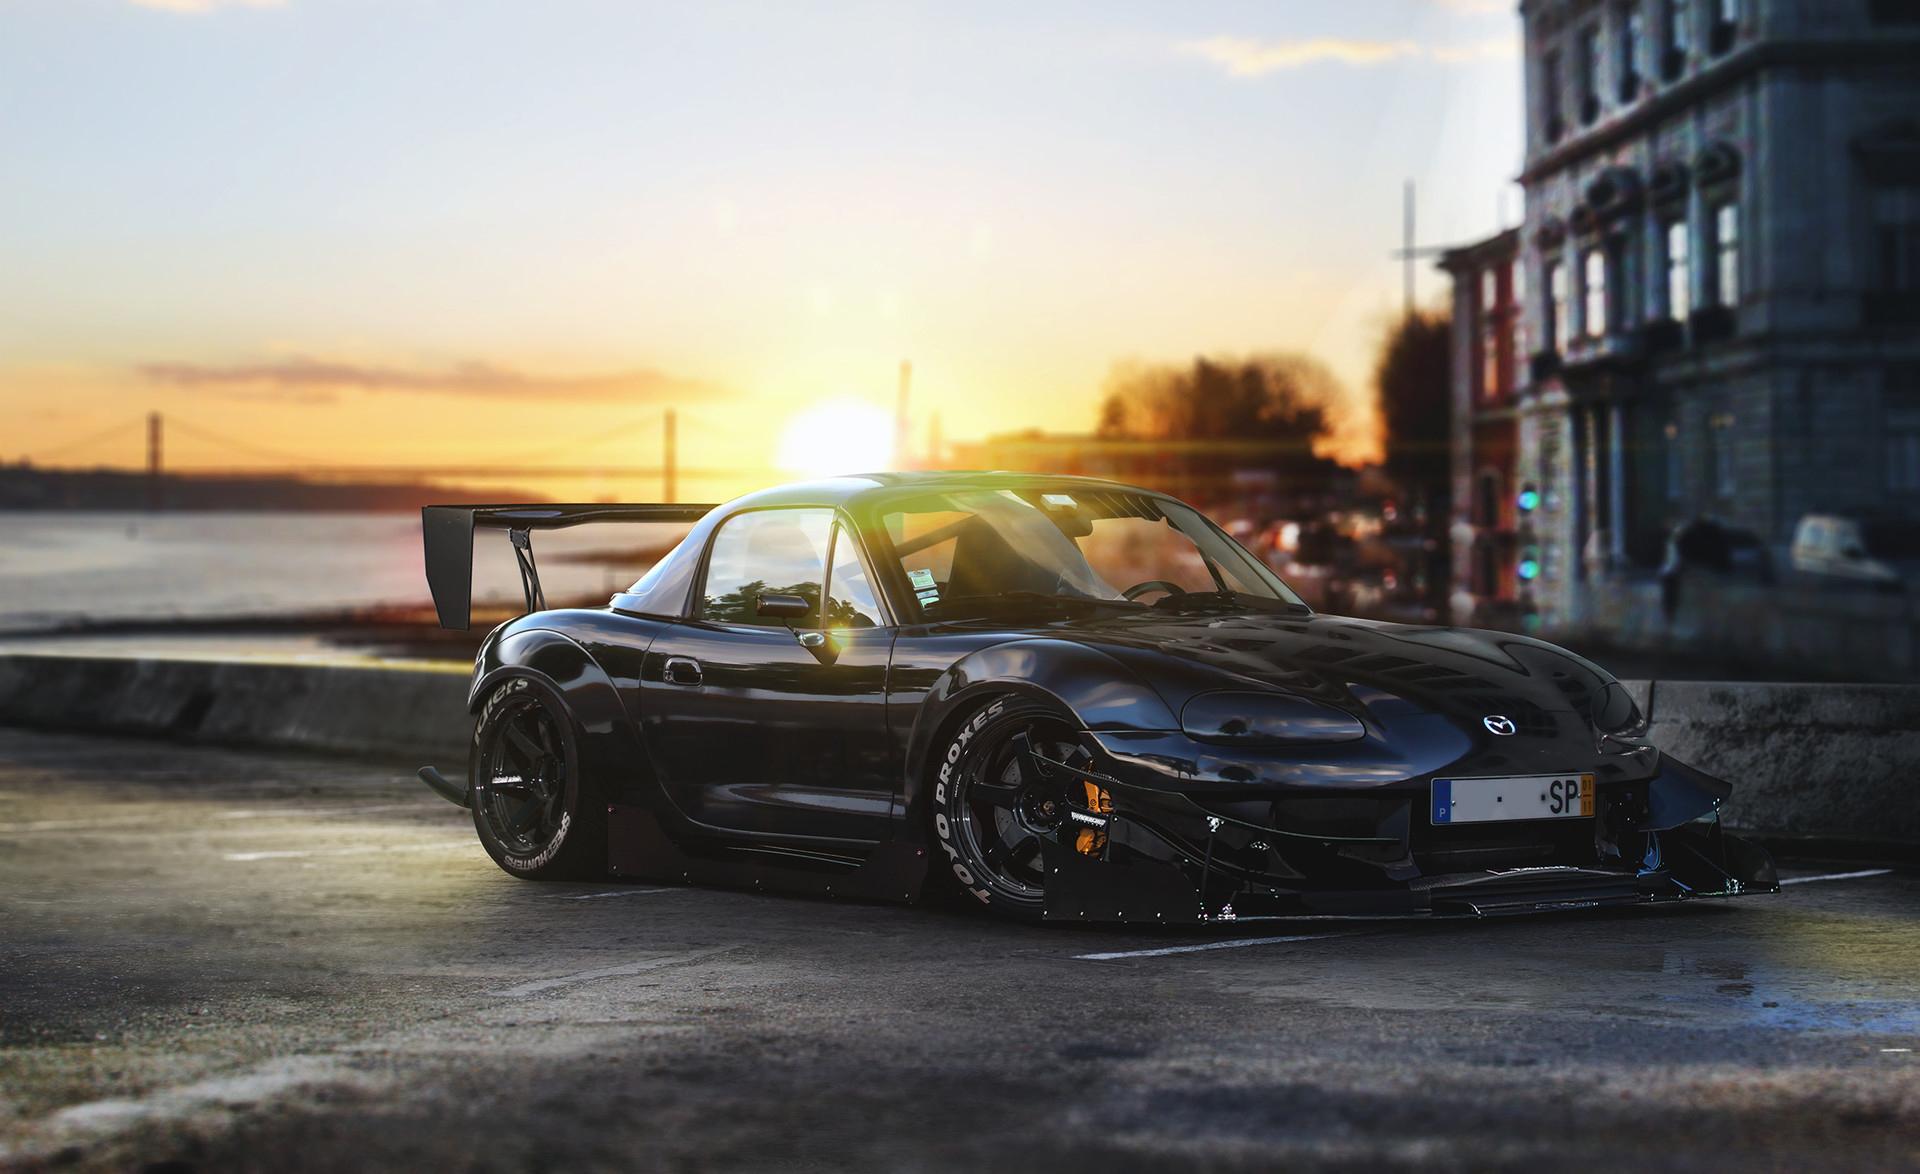 Car Wash For Mazda